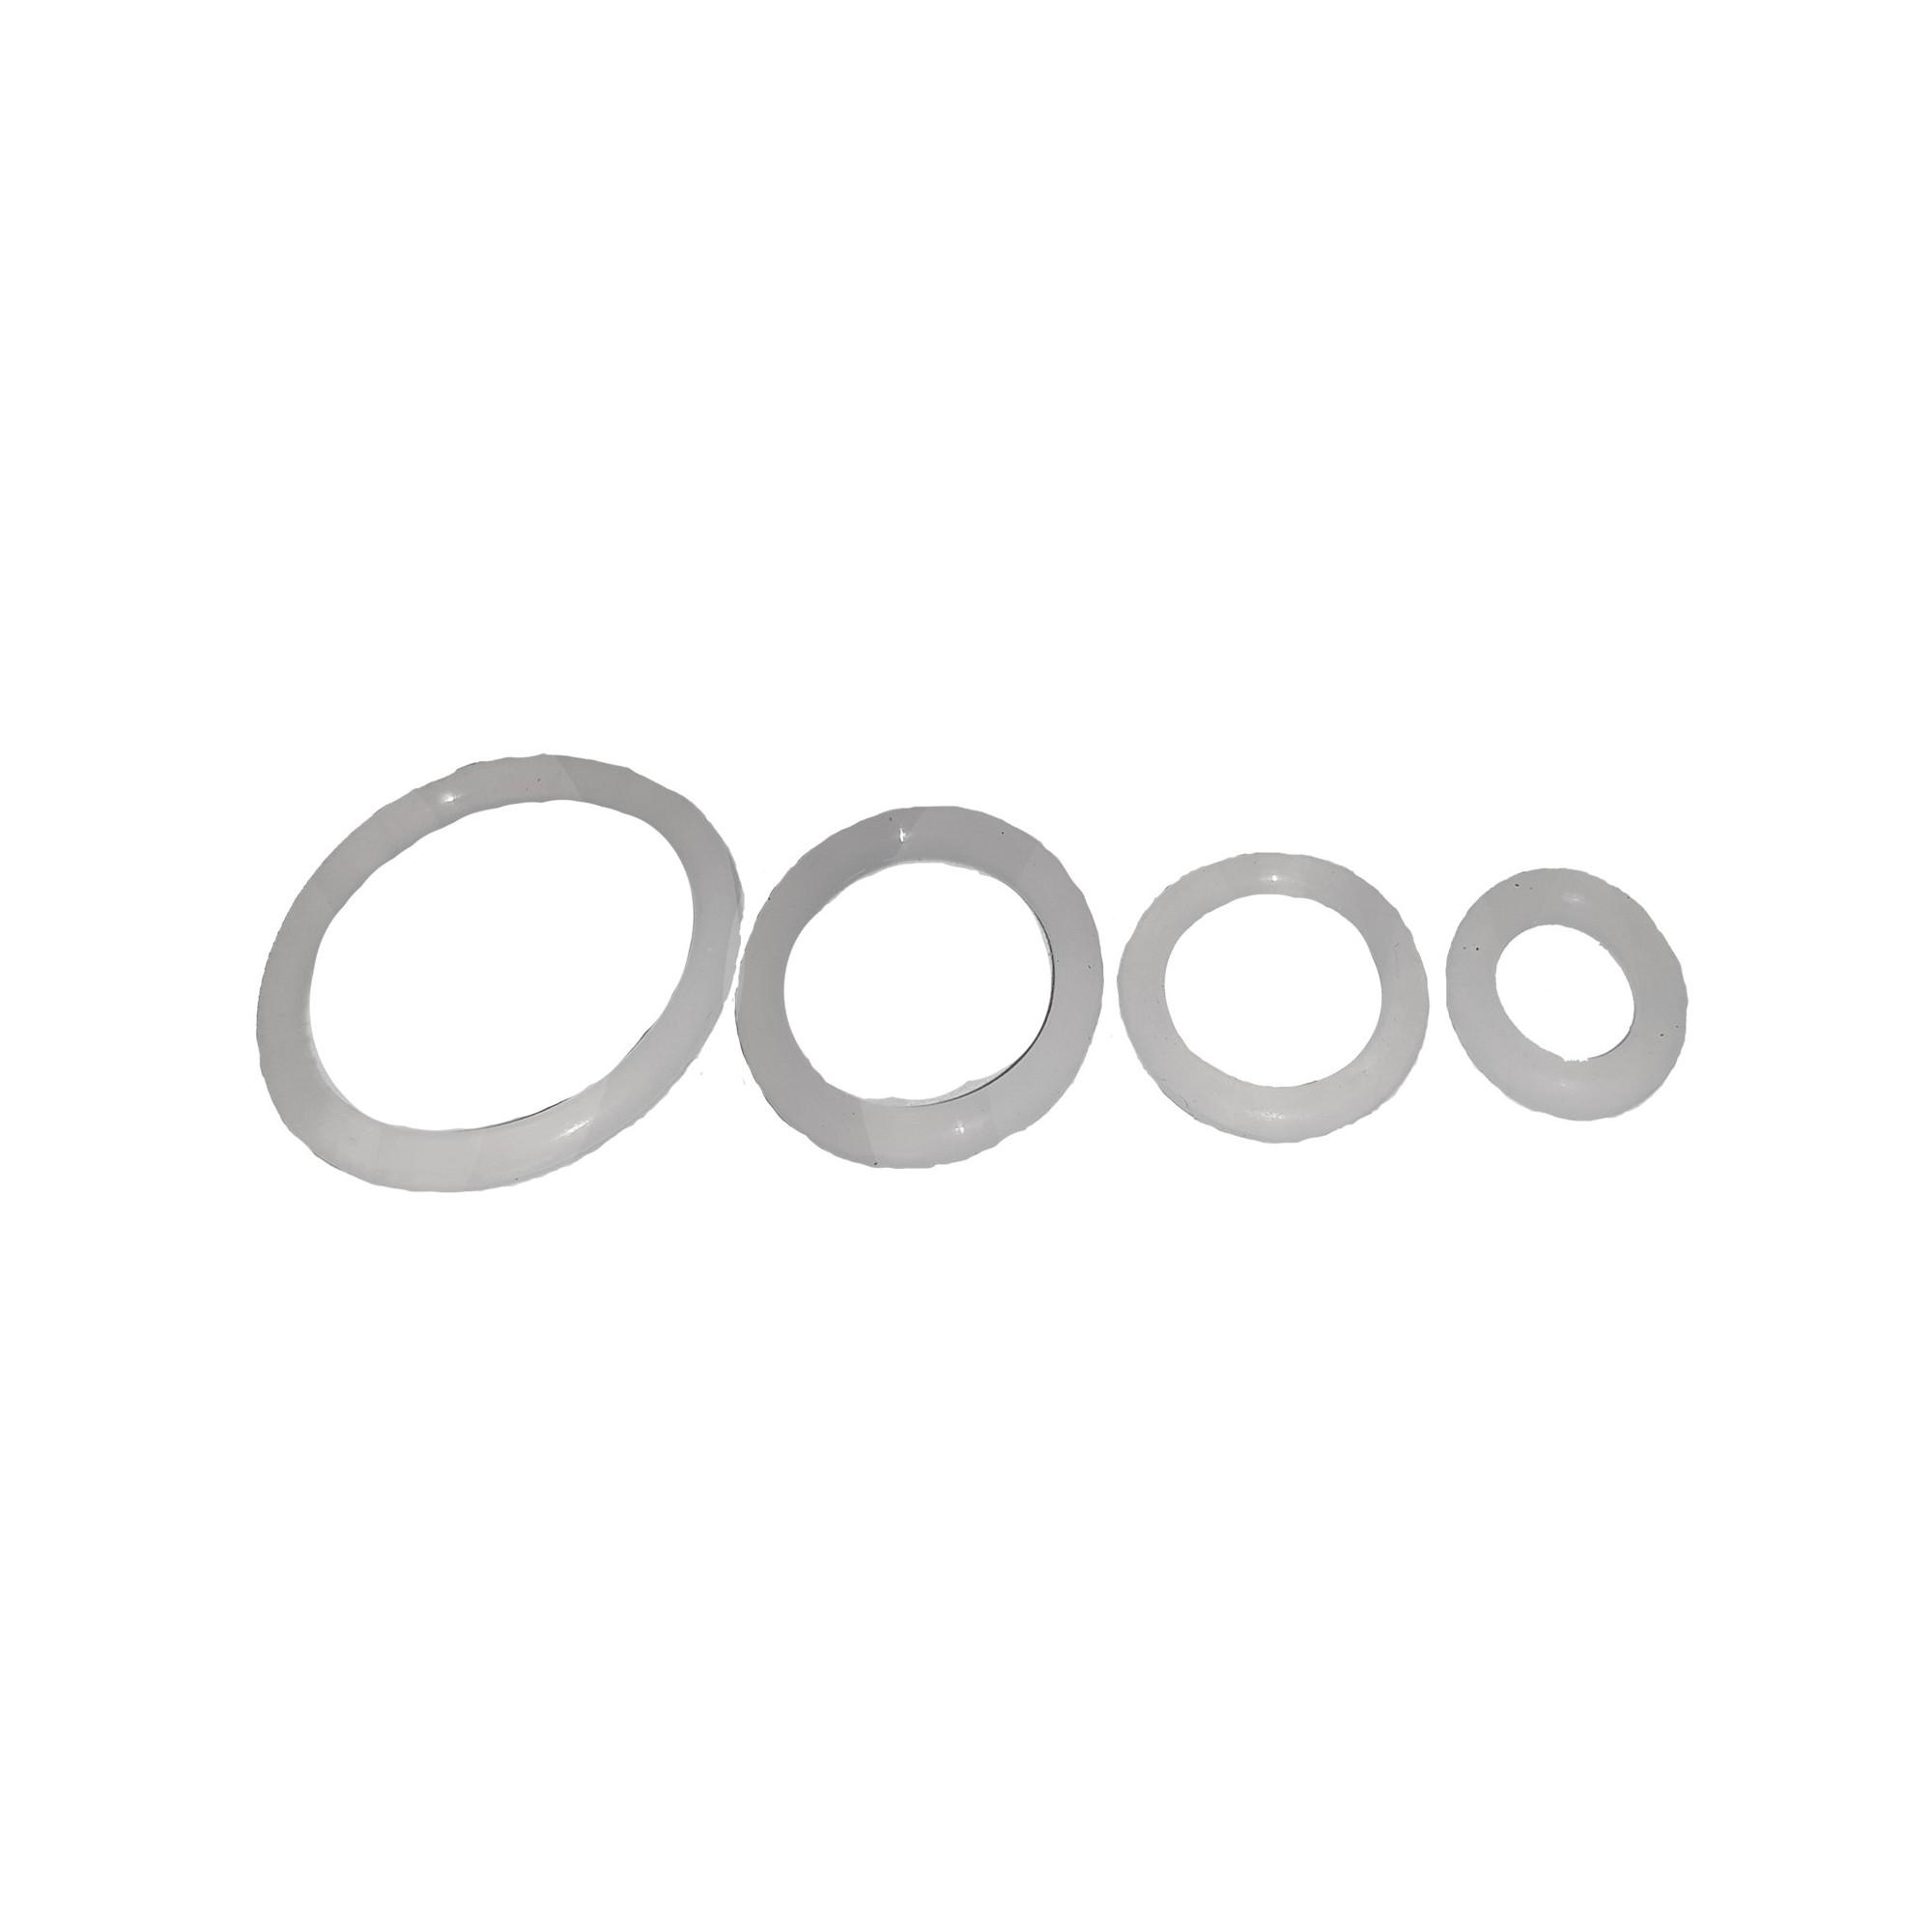 Упаковка колец силиконовых 100 шт пищевых термостойких 18мм*13.2мм*2.4мм J.G. - 1